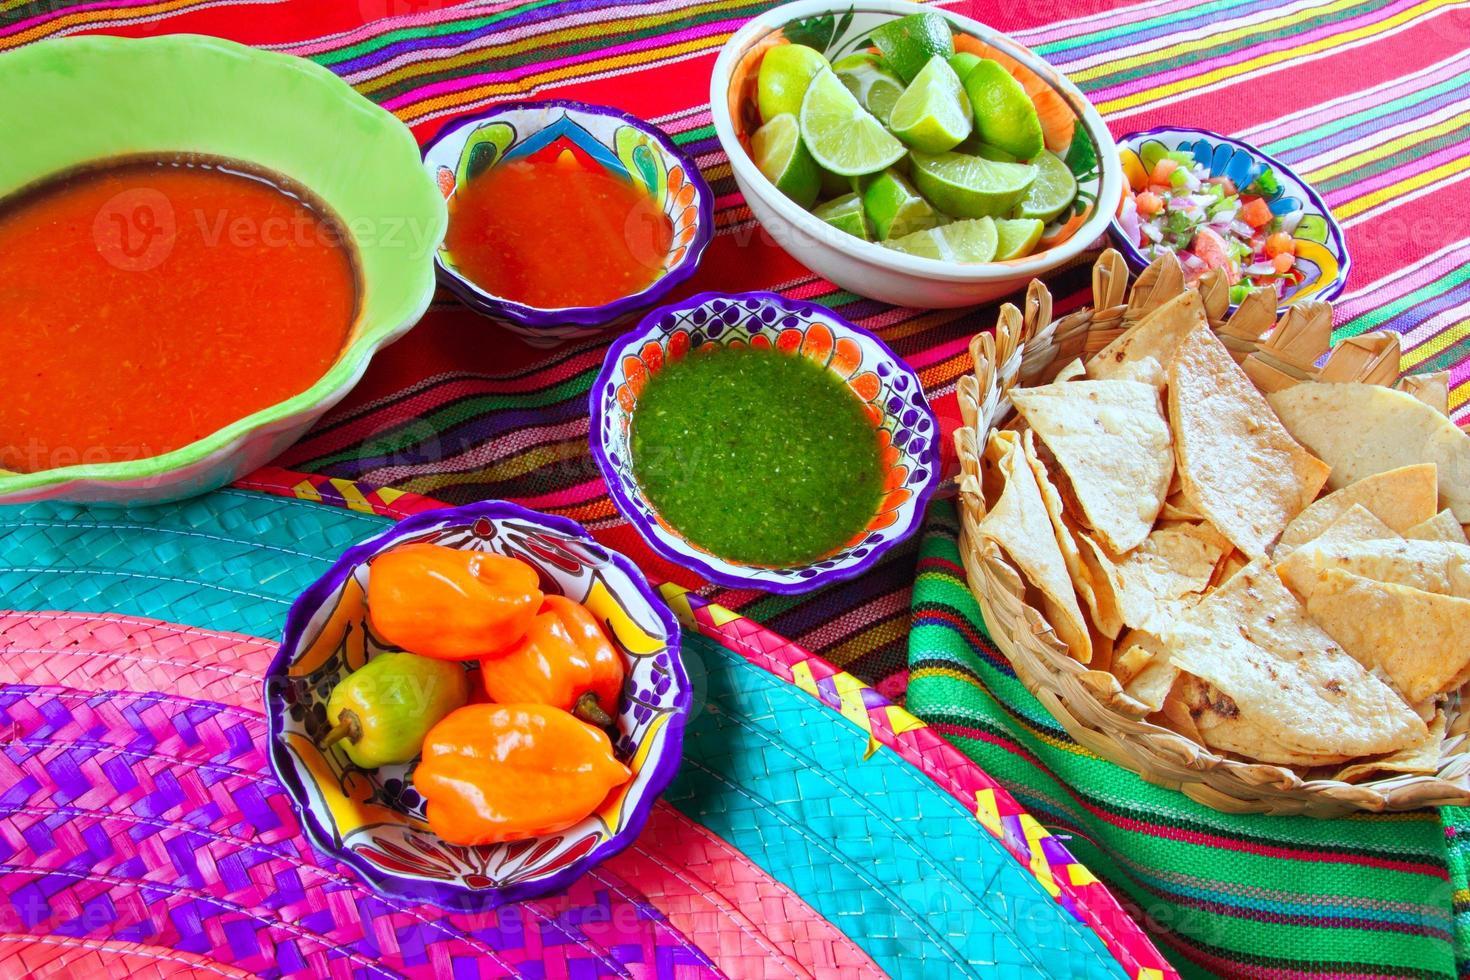 comida mexicana variadas salsas de chile nachos limón foto